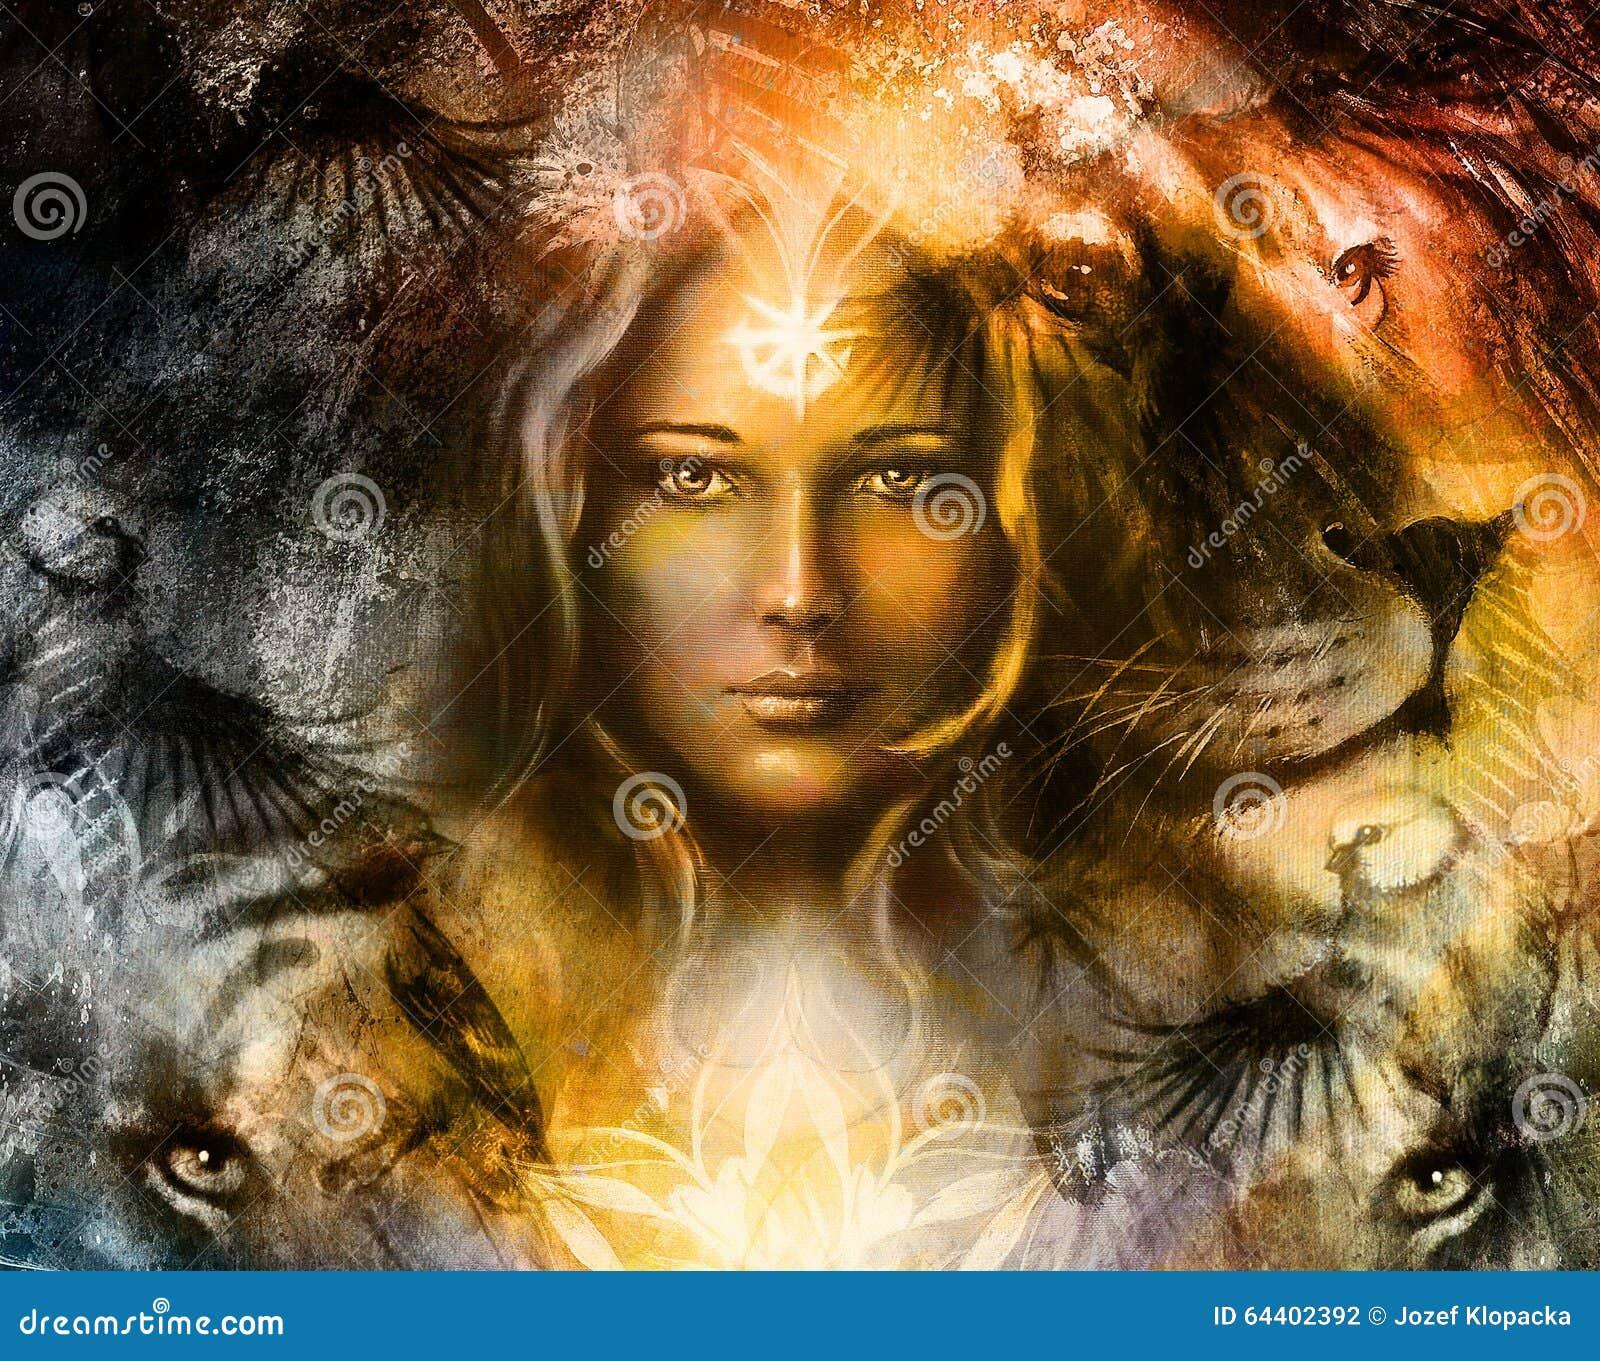 Måla det väldiga lejon- och tigerhuvudet och mystiker